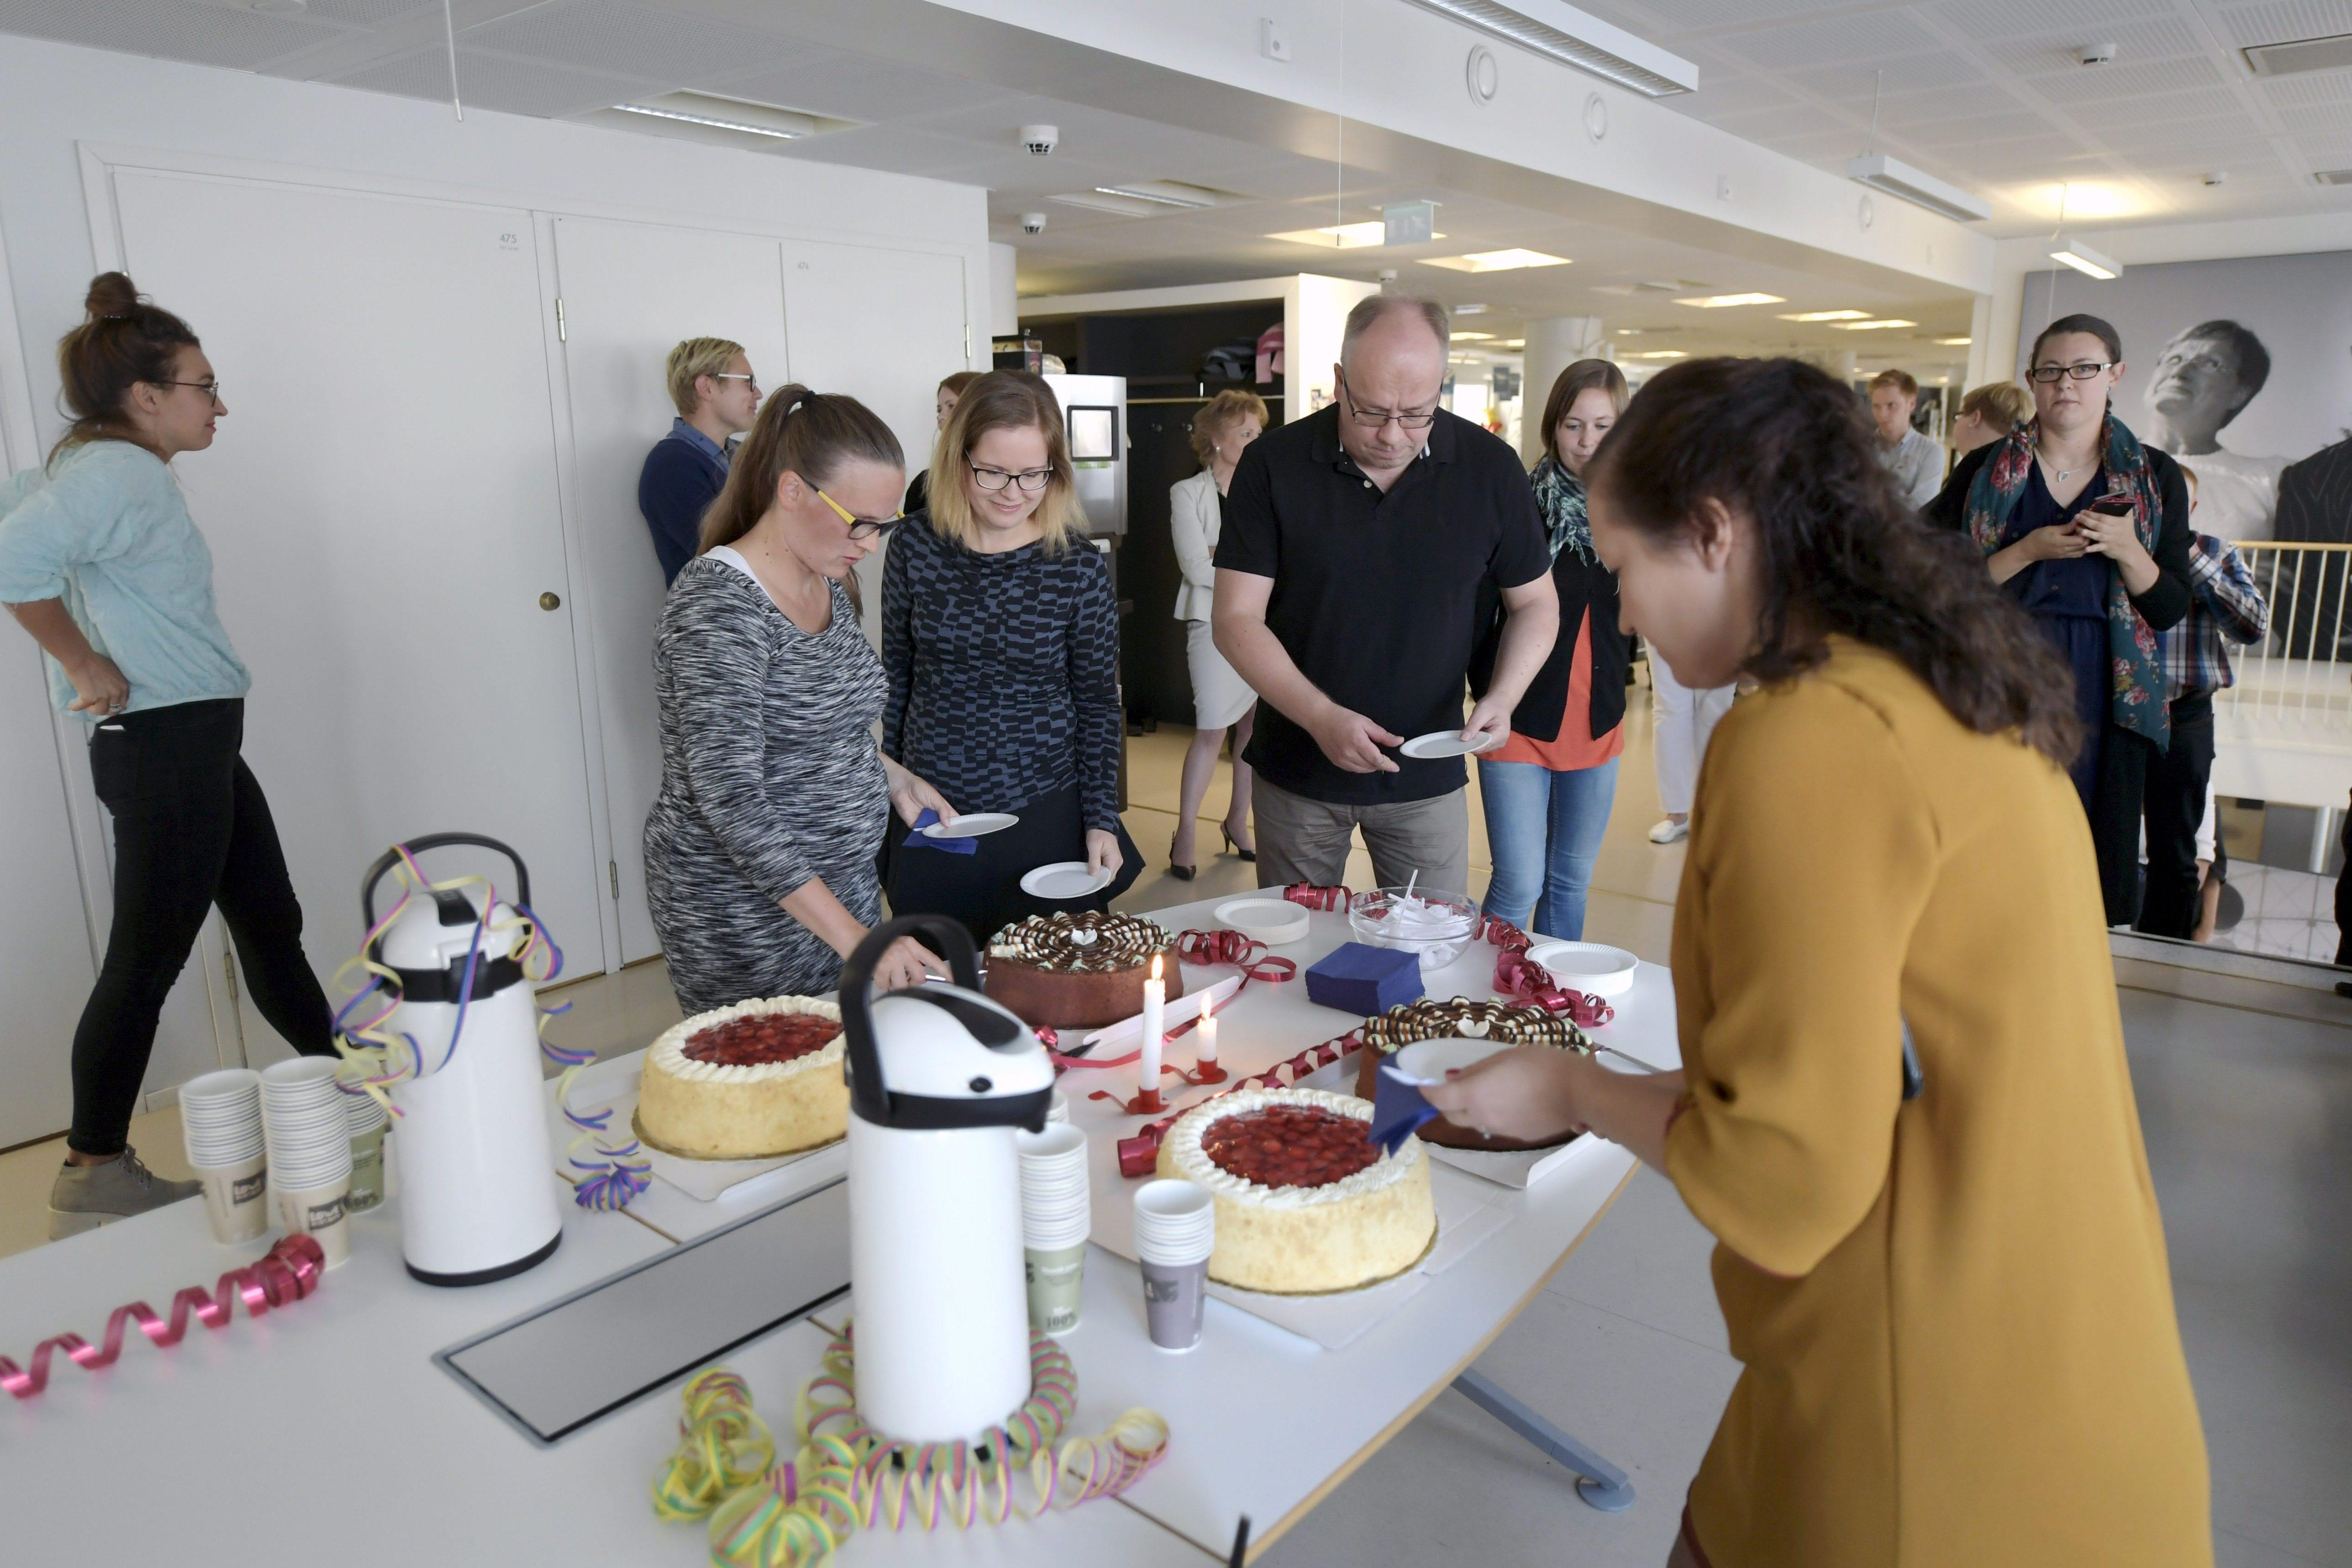 STT:n radiouutisten 90-vuotisjuhlien kakkukahvit Voimatalossa Helsingissä perjantaina 9. syyskuuta 2016. LEHTIKUVA / ANTTI AIMO-KOIVISTO